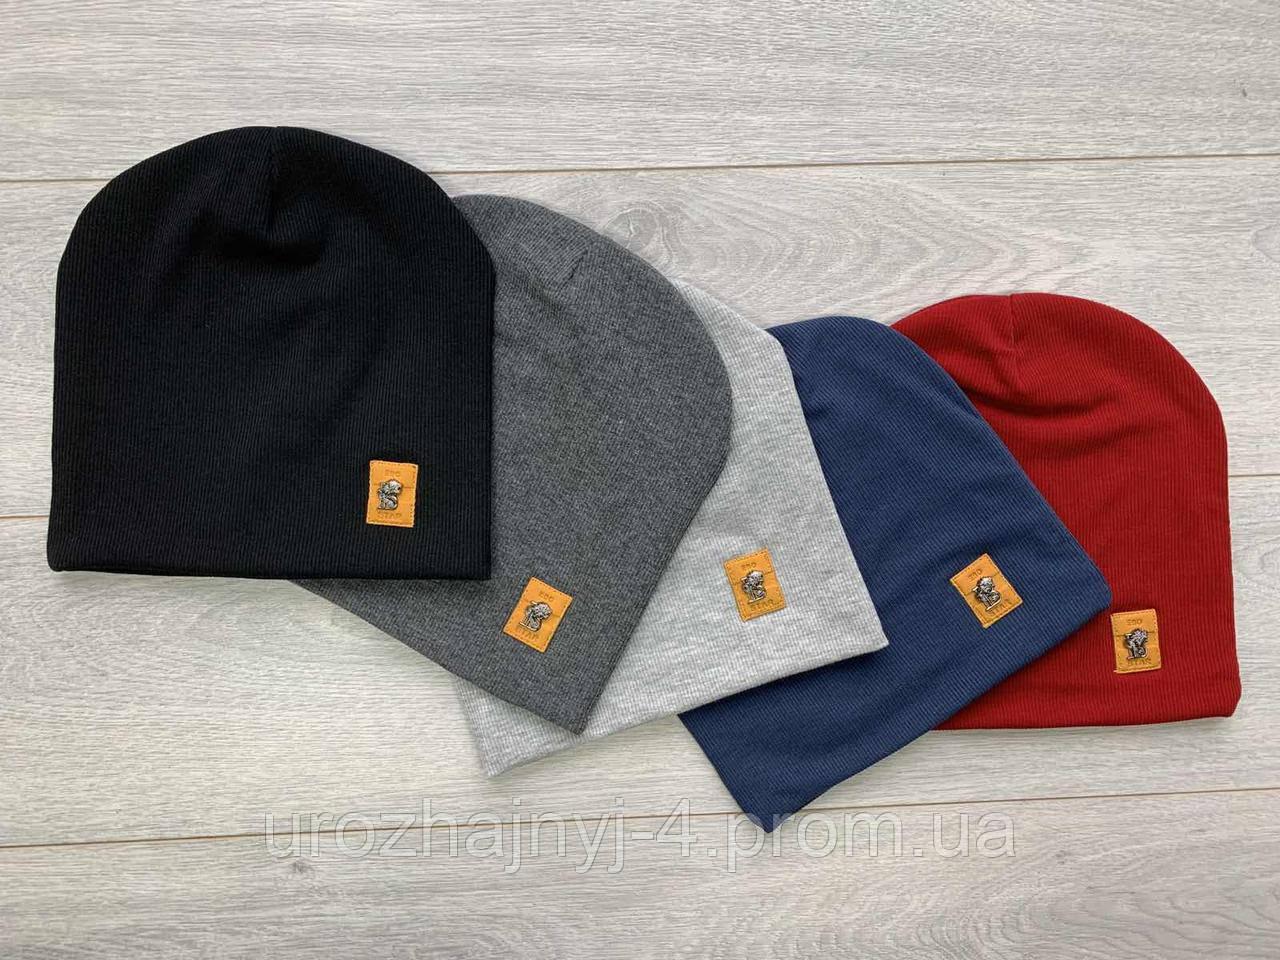 Трикотажная шапка на подкладке х/б размер 50-52 упаковка 5шт